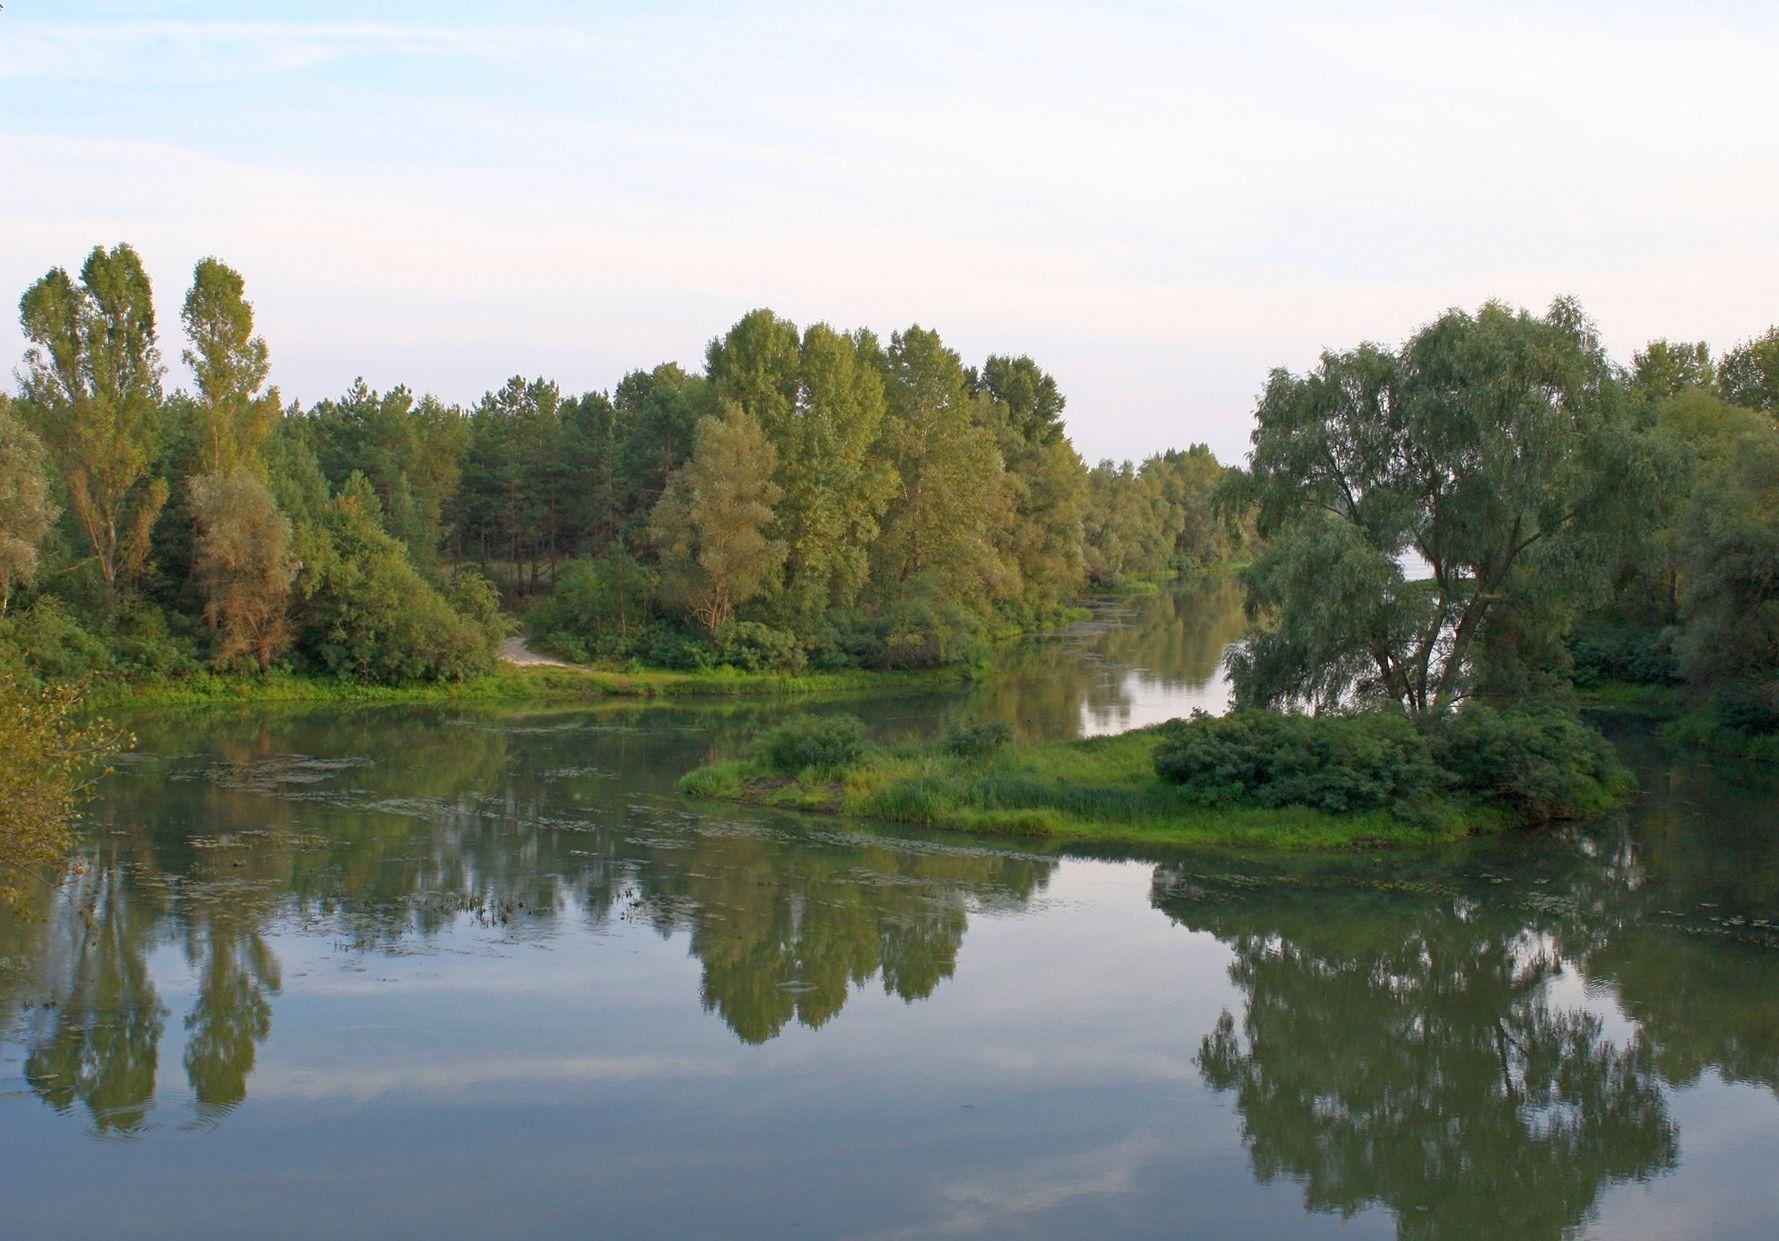 Островок канал днепр лебедевка